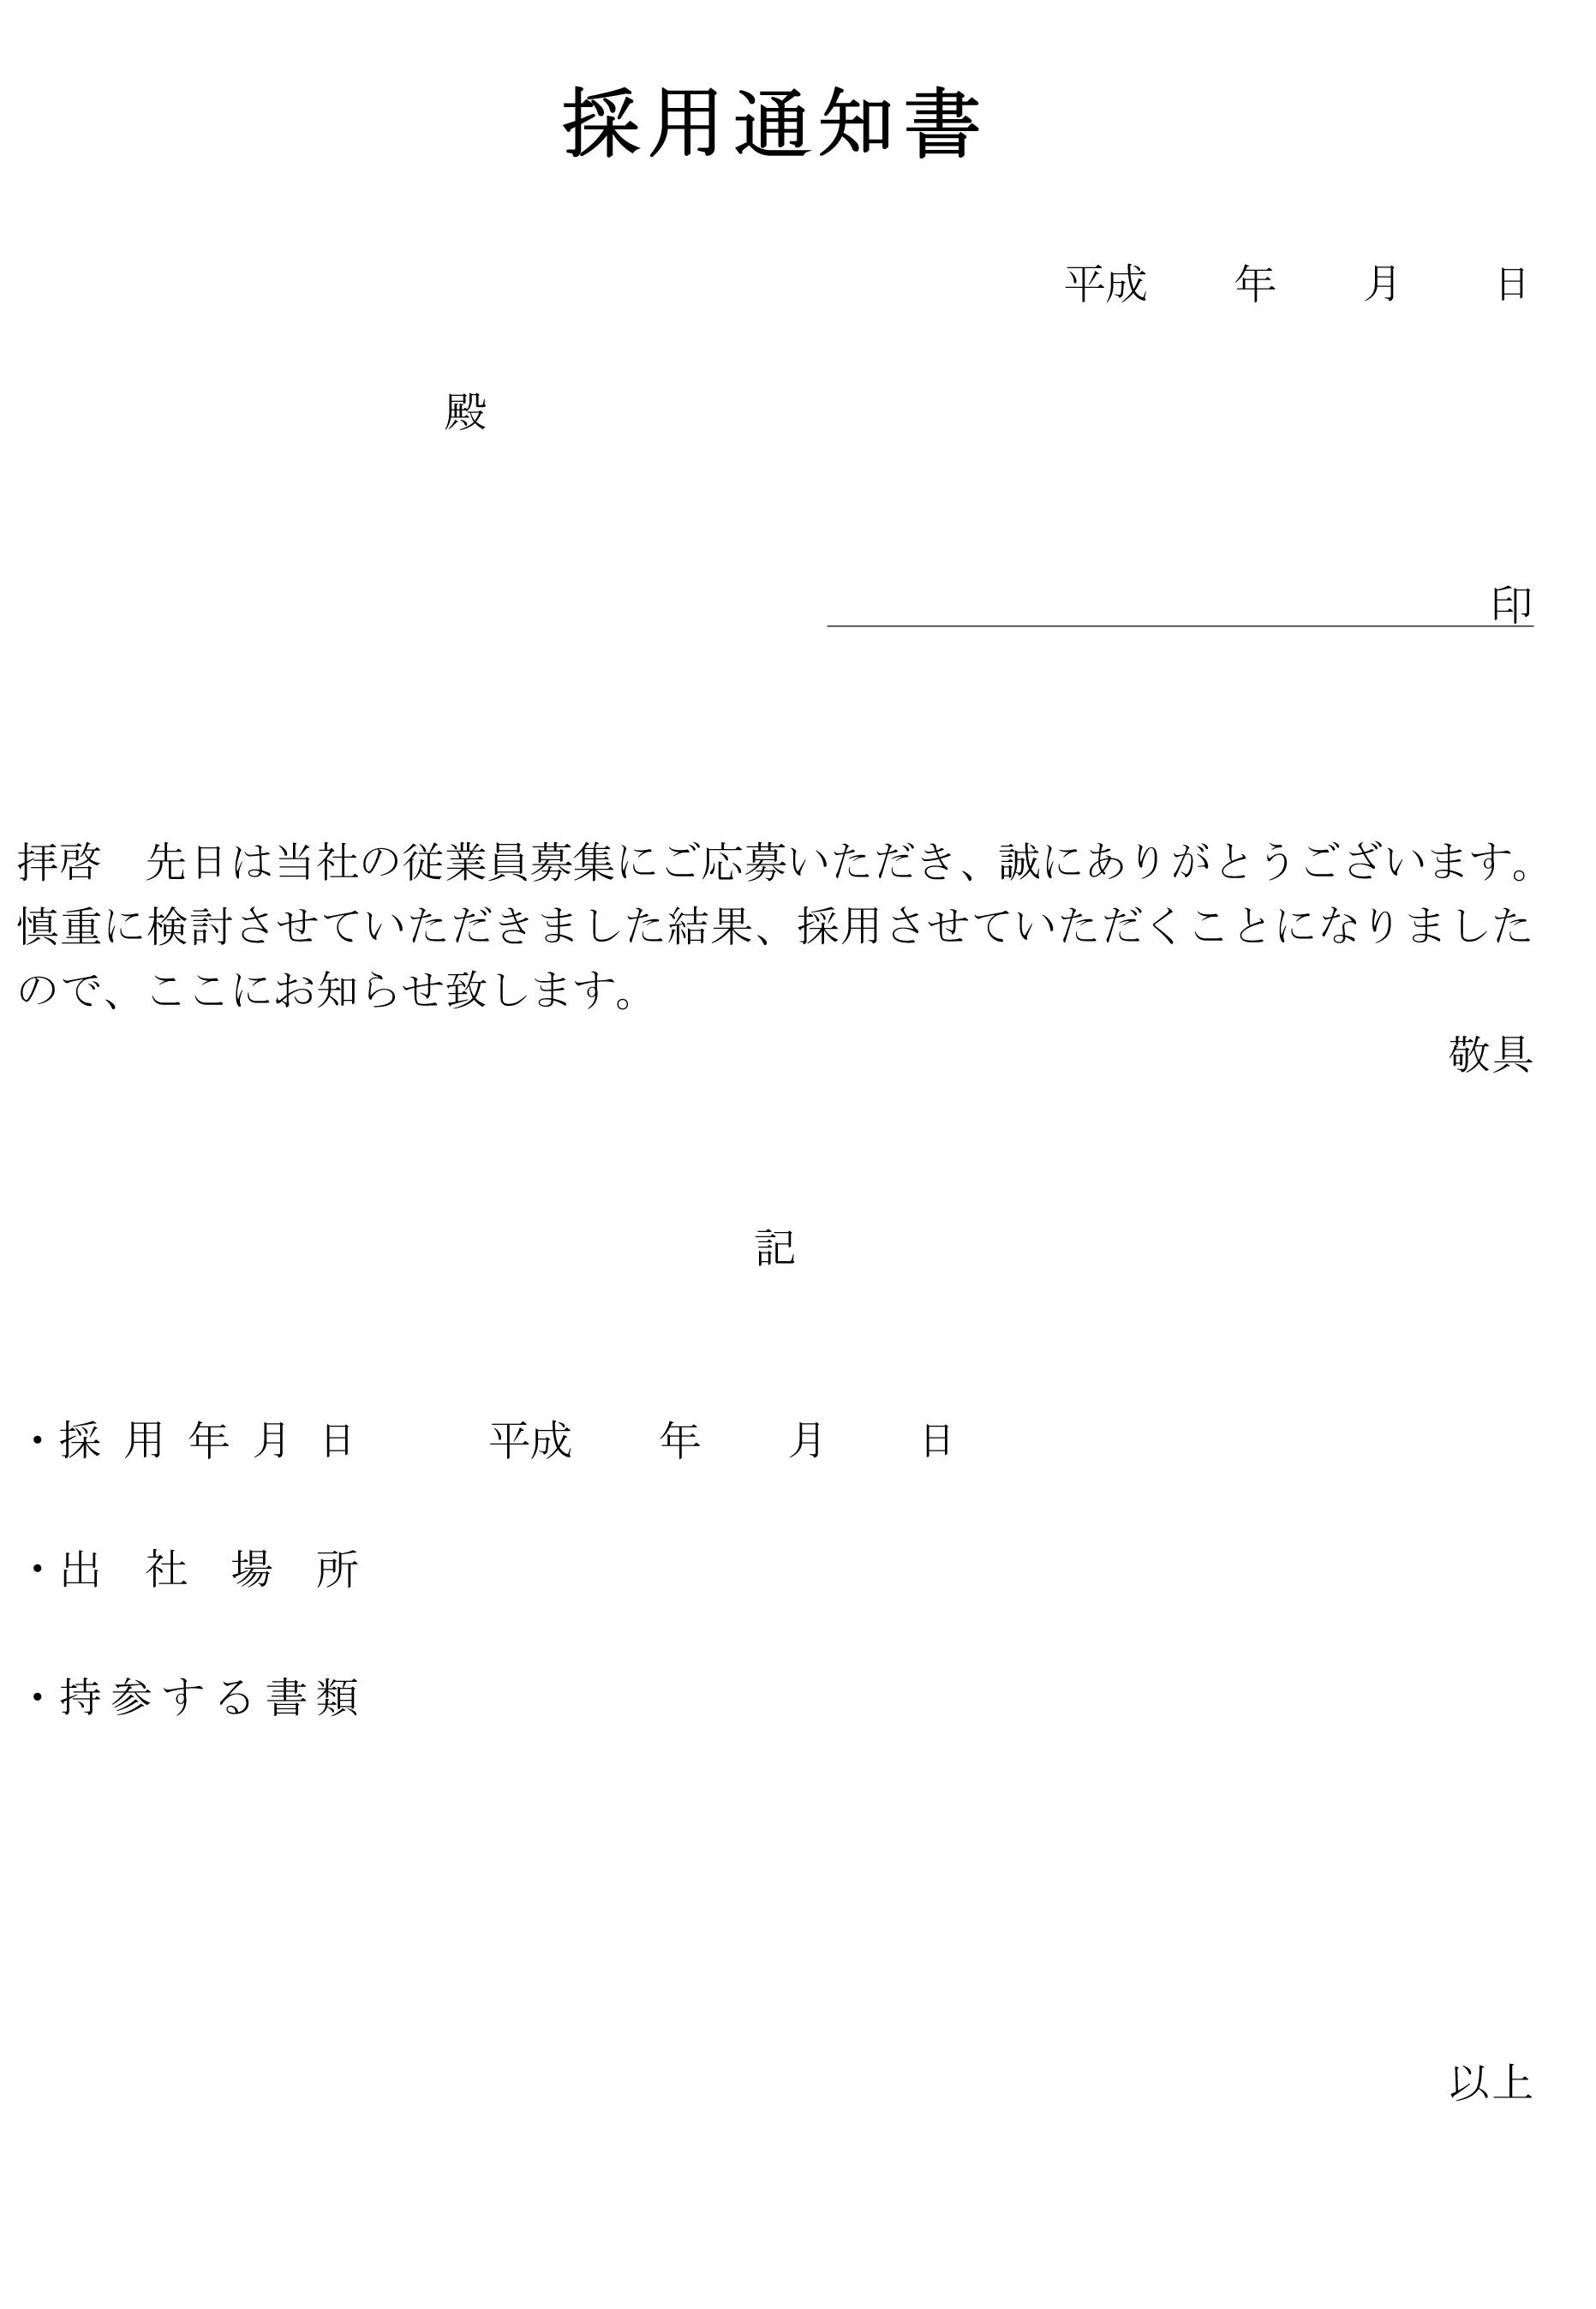 採用通知書01